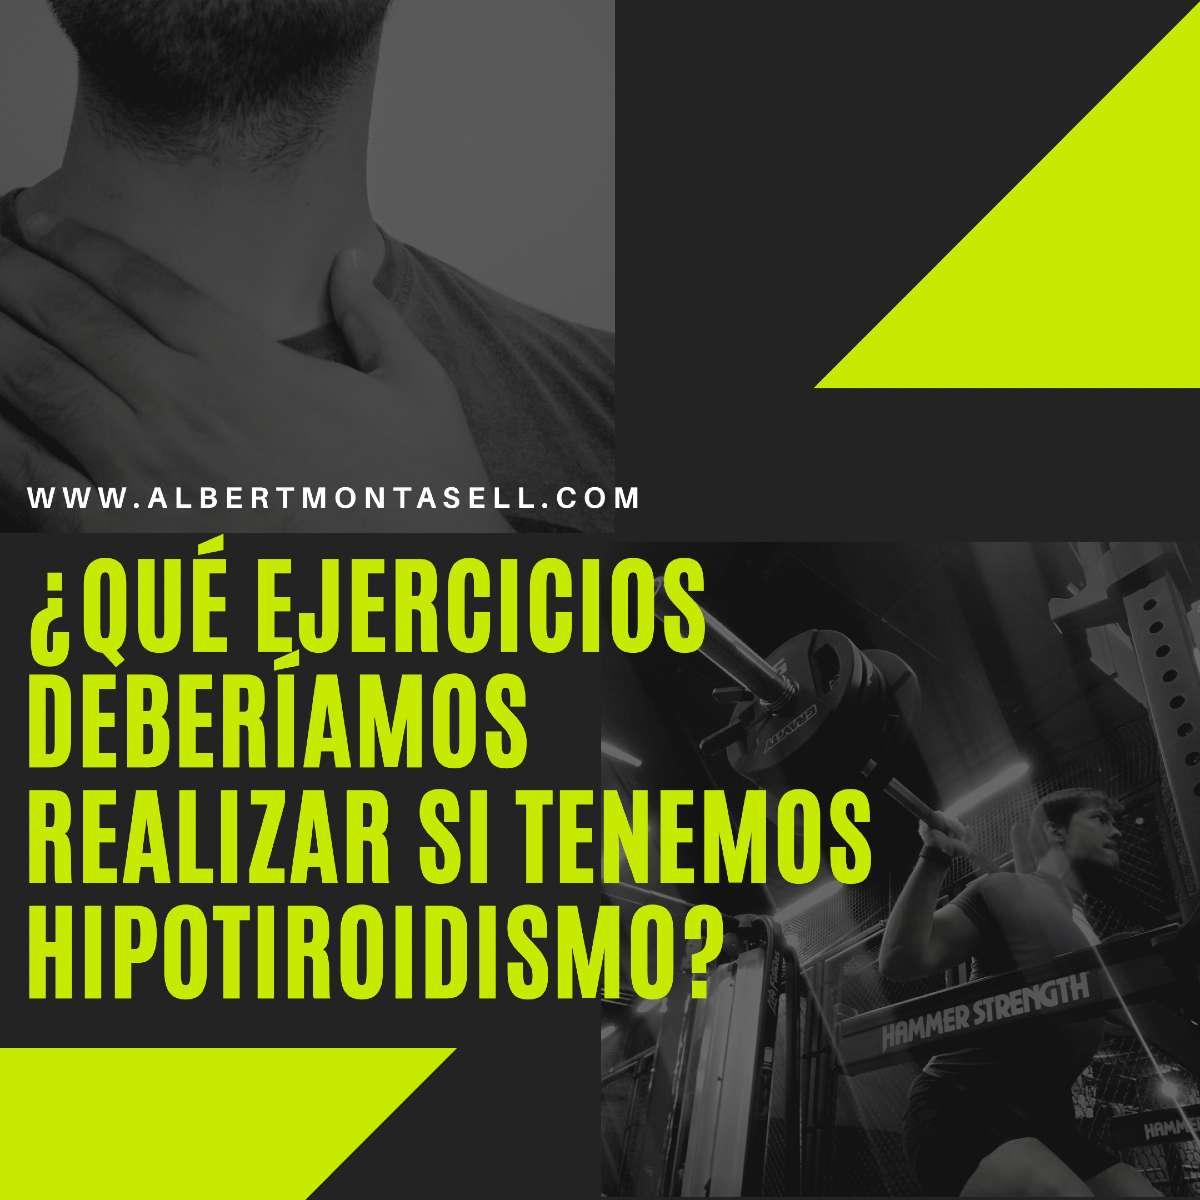 ejercicios para el hipotiroidismo